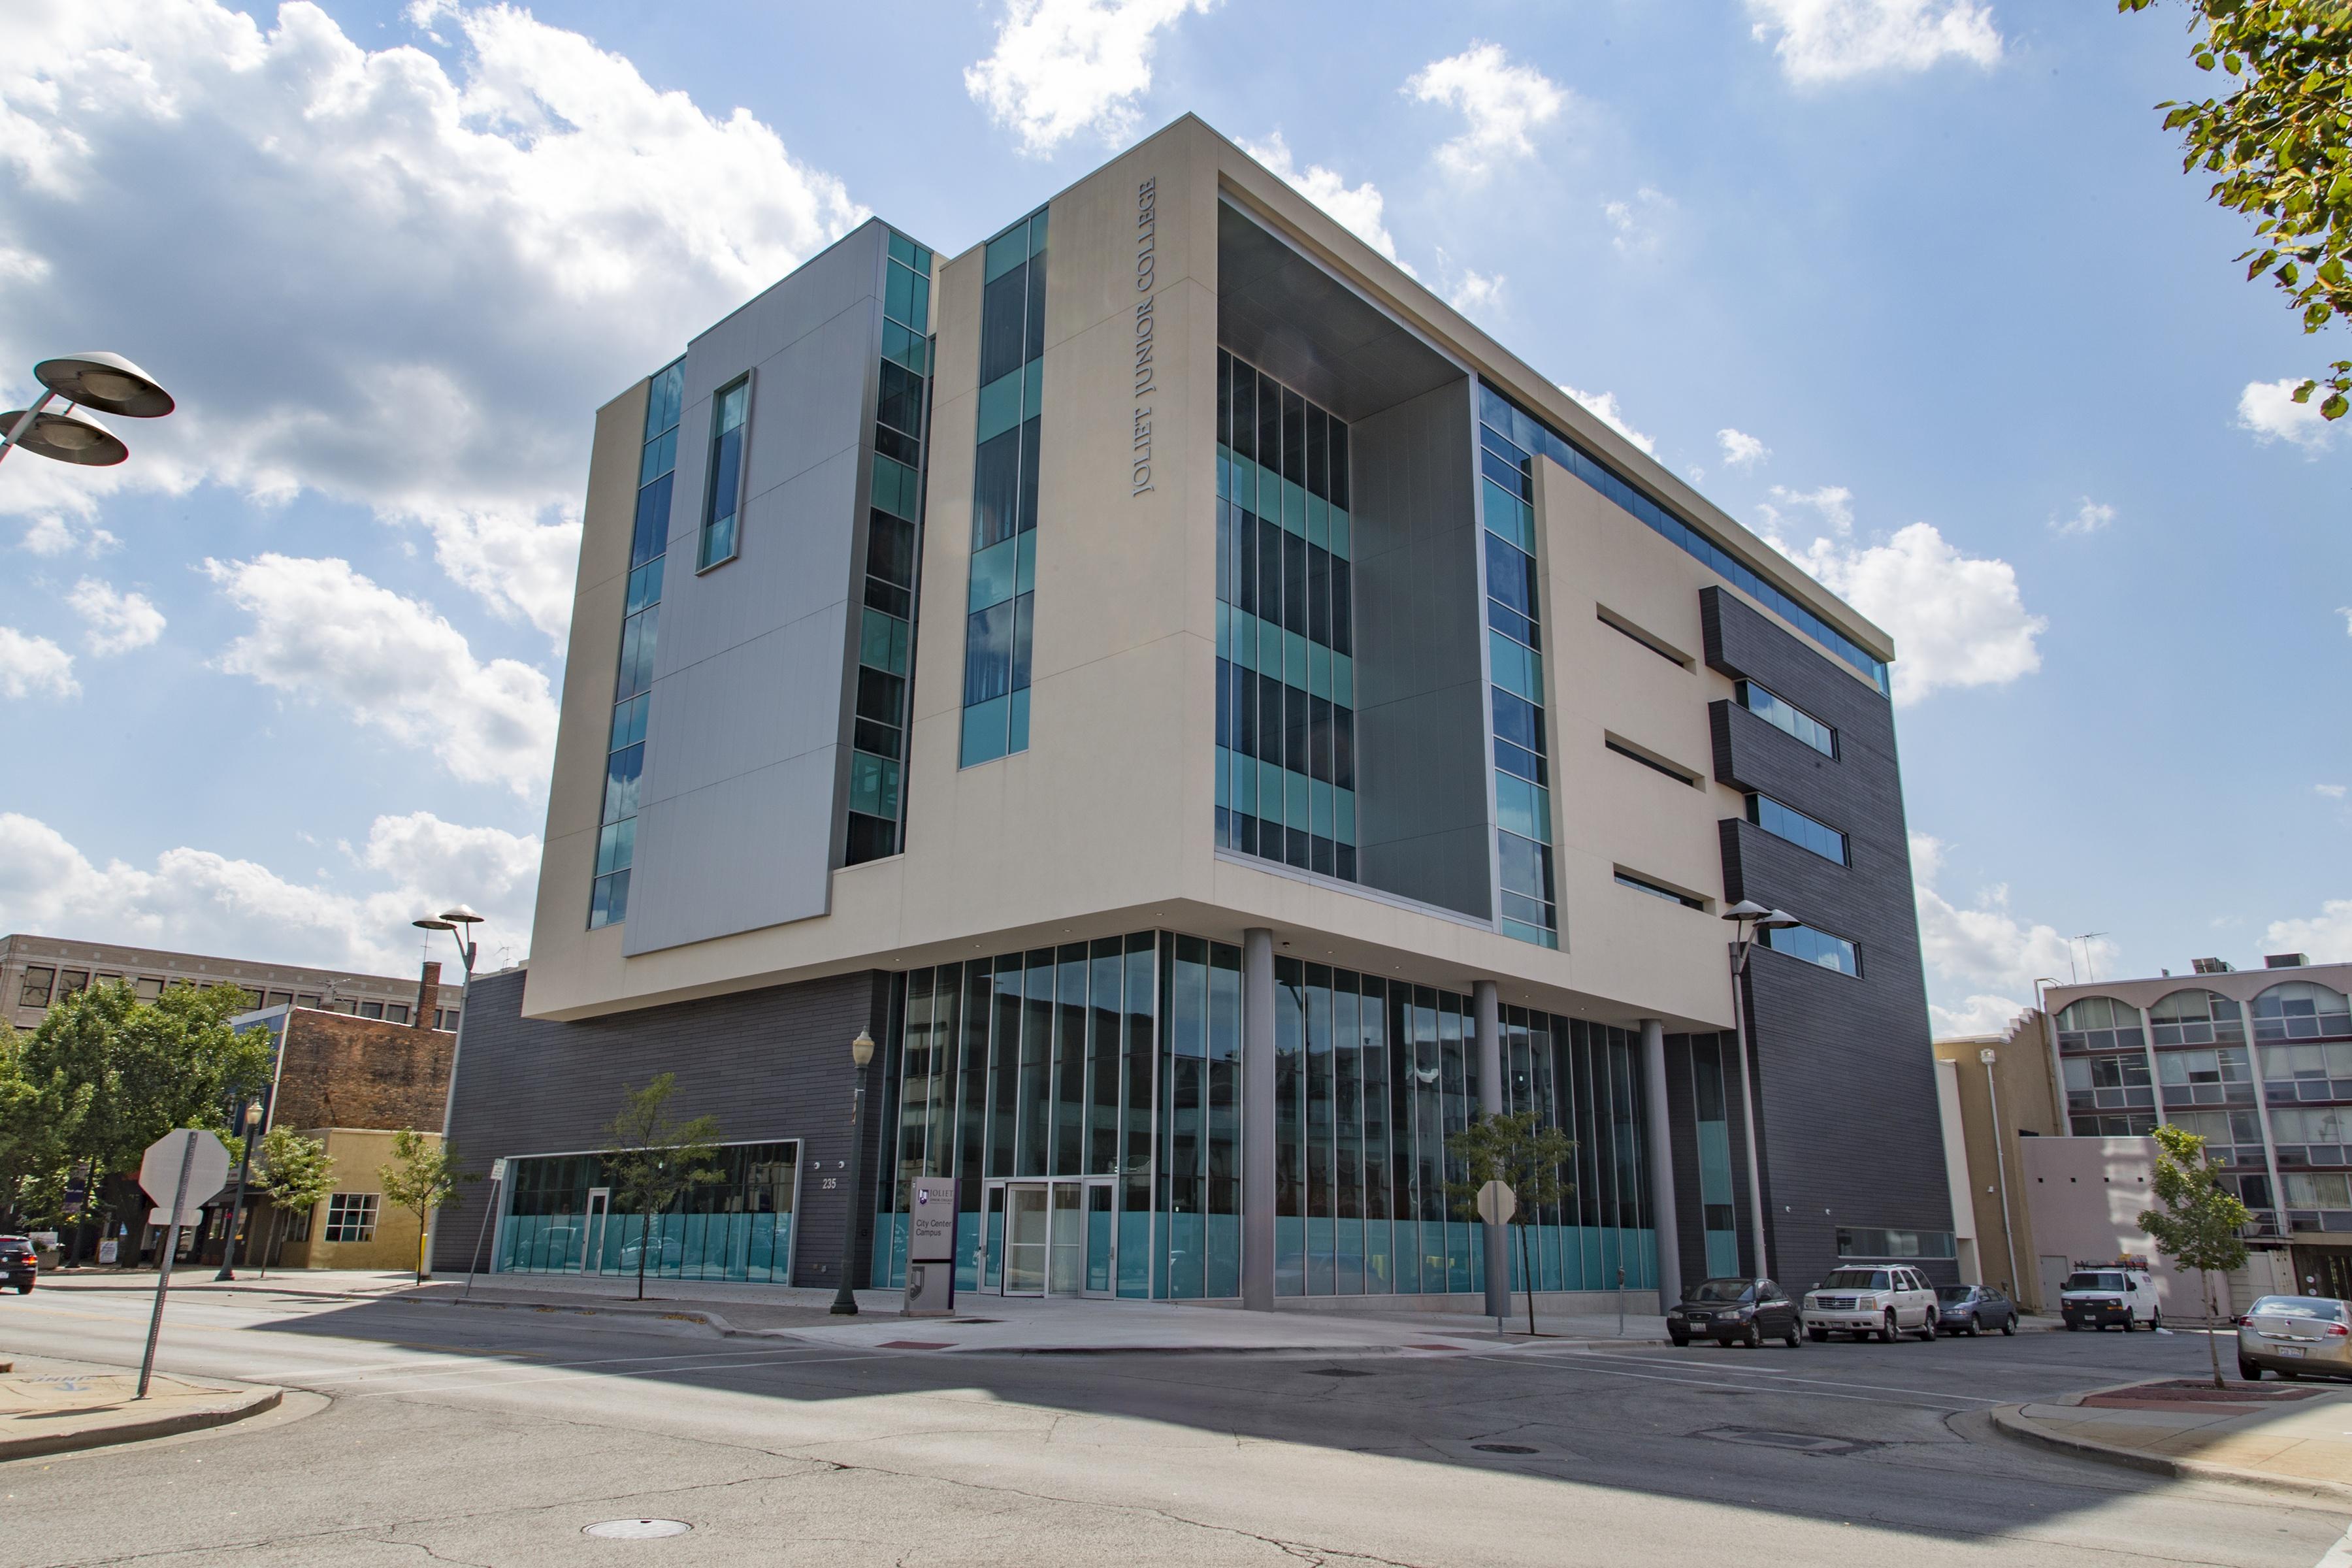 JJC City Center Campus 2016 Joliet Junior College 115 years anniversary